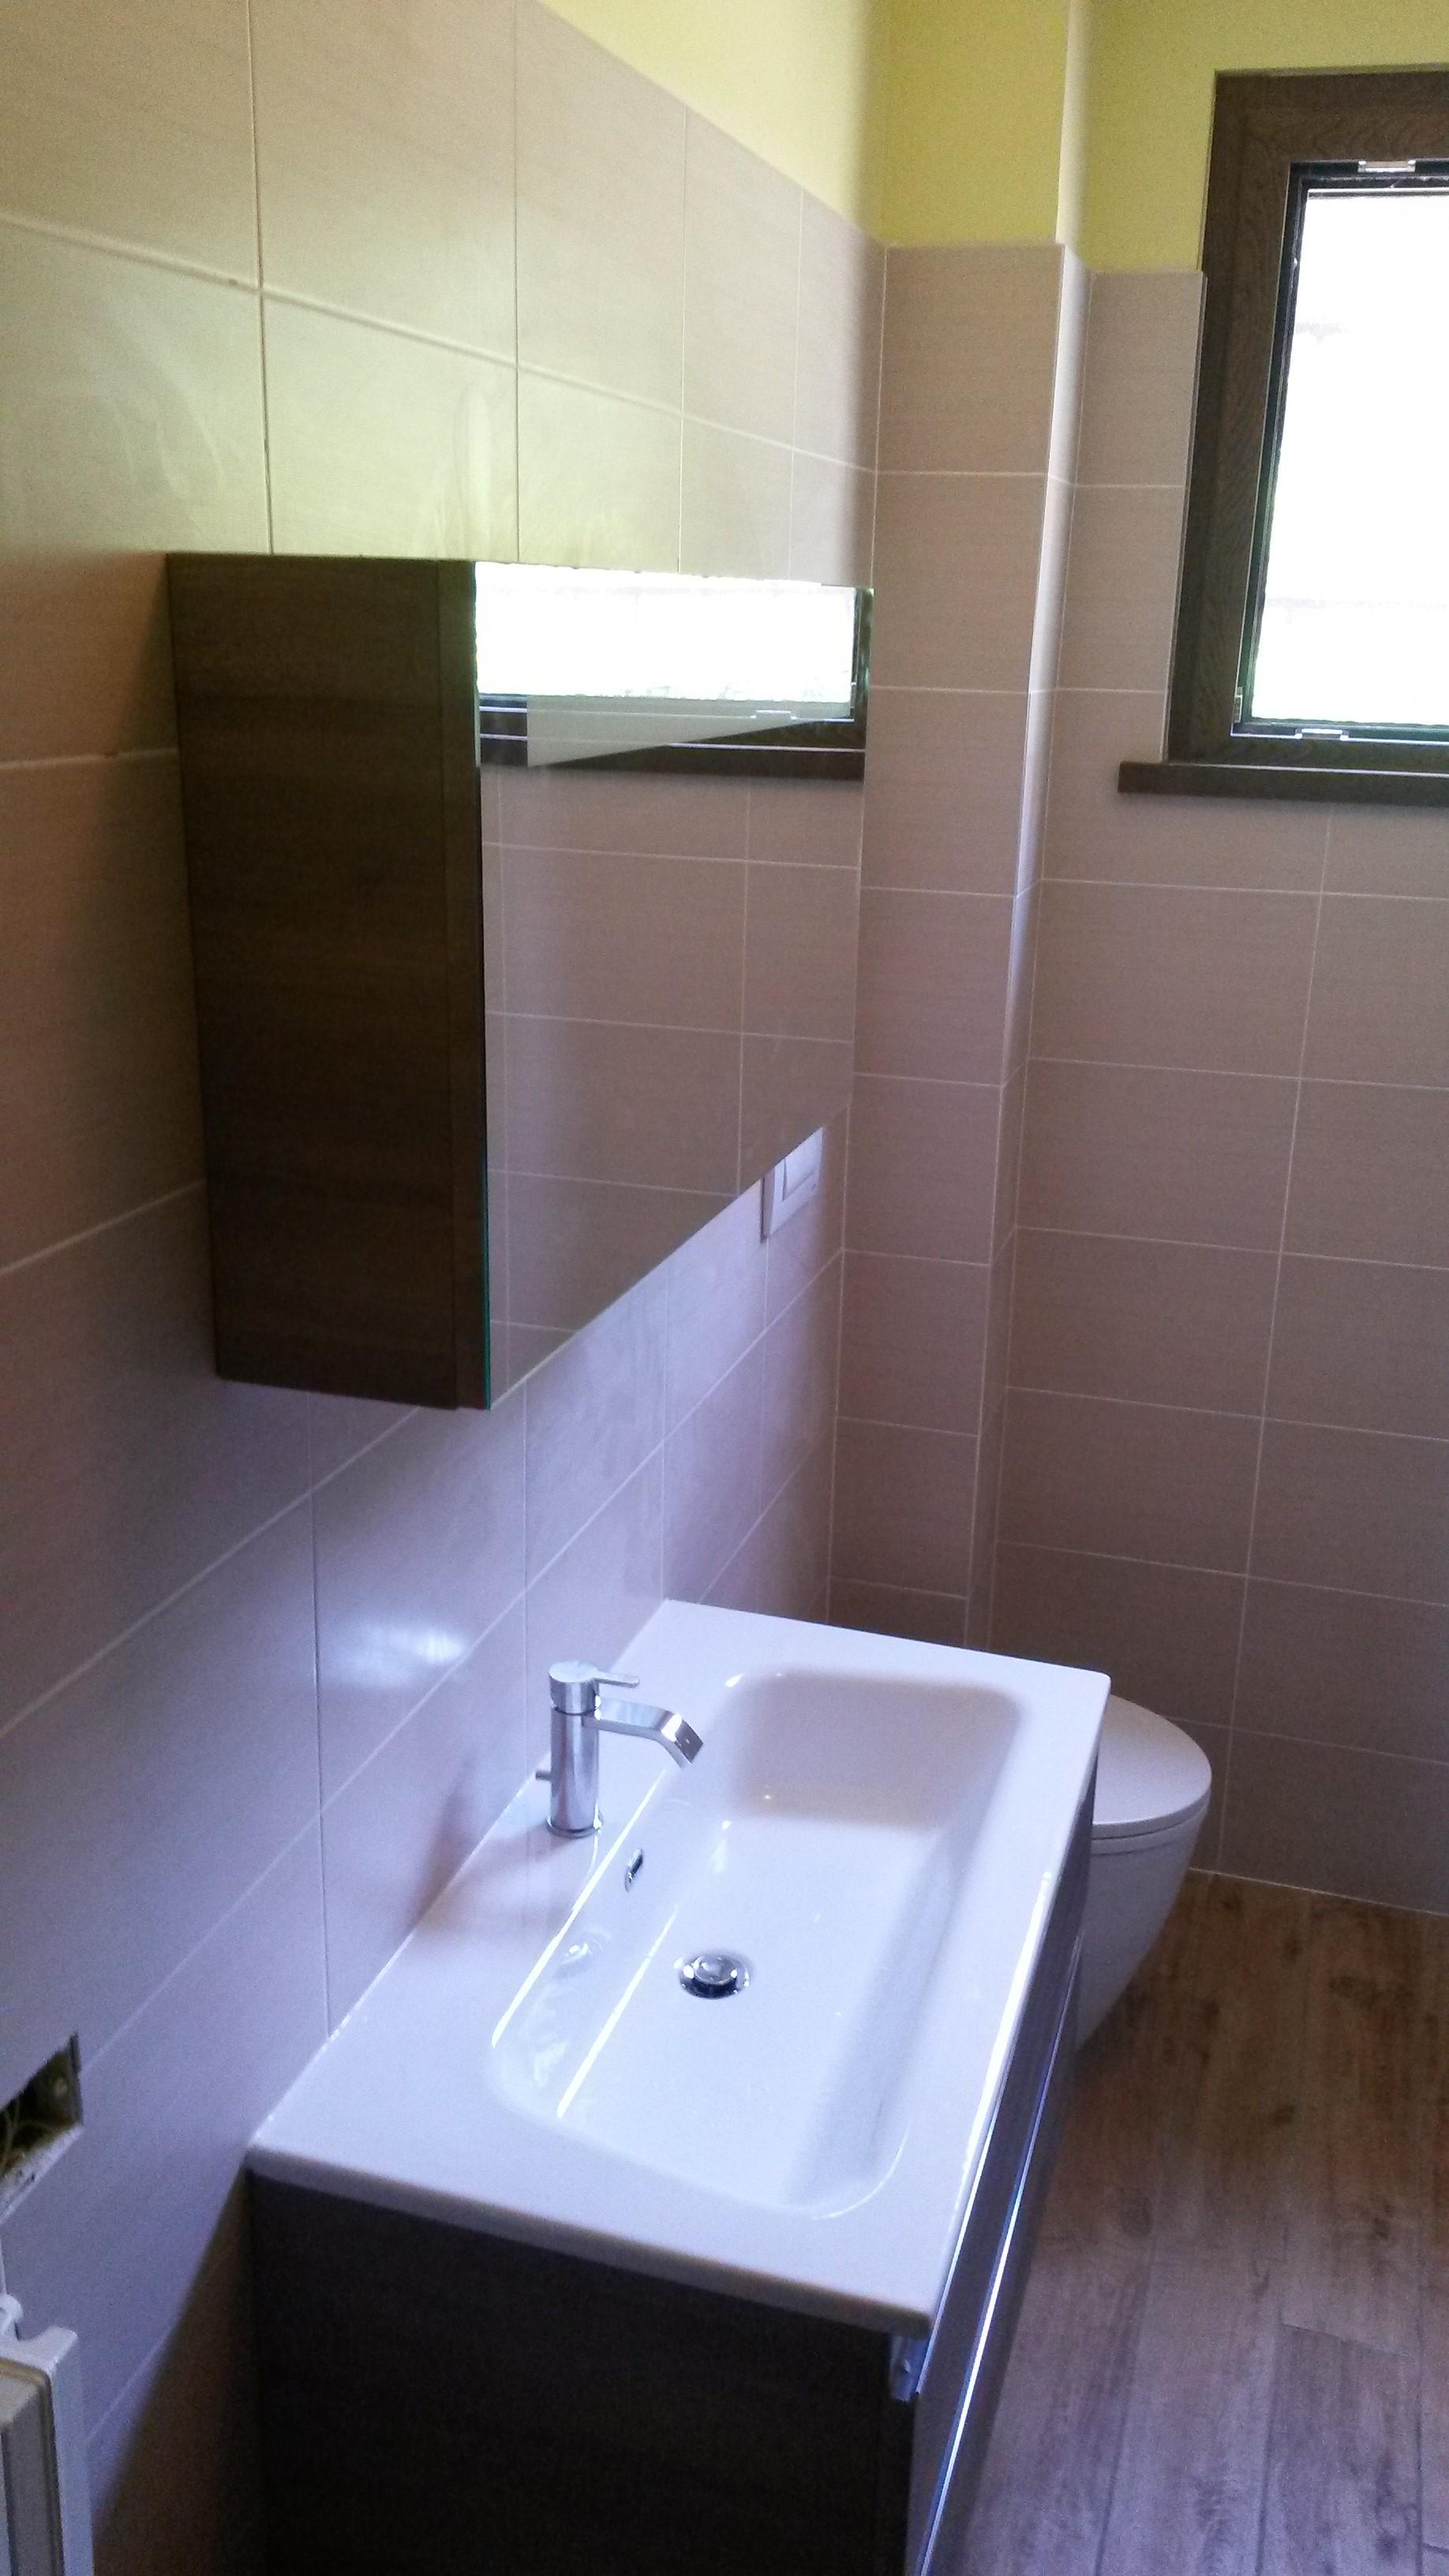 Ristrutturazione bagni termoidraulica cattaneo marco - Rifare un bagno ...